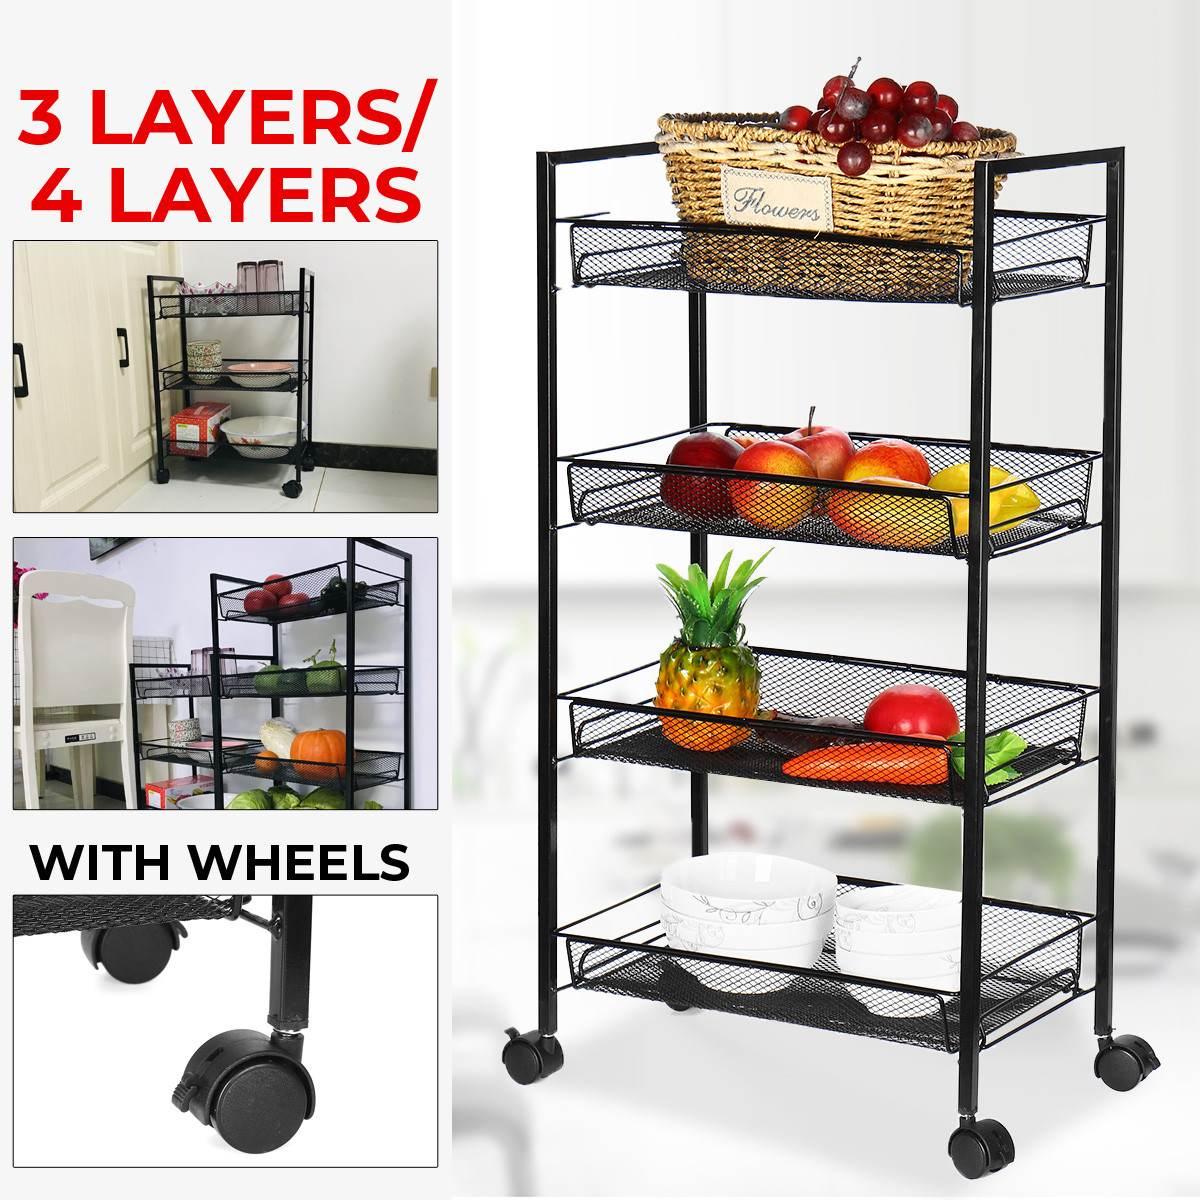 رف حمام قابل للإزالة مع عجلة ، 3/4 طبقة ، رف تخزين ، منظم مطبخ